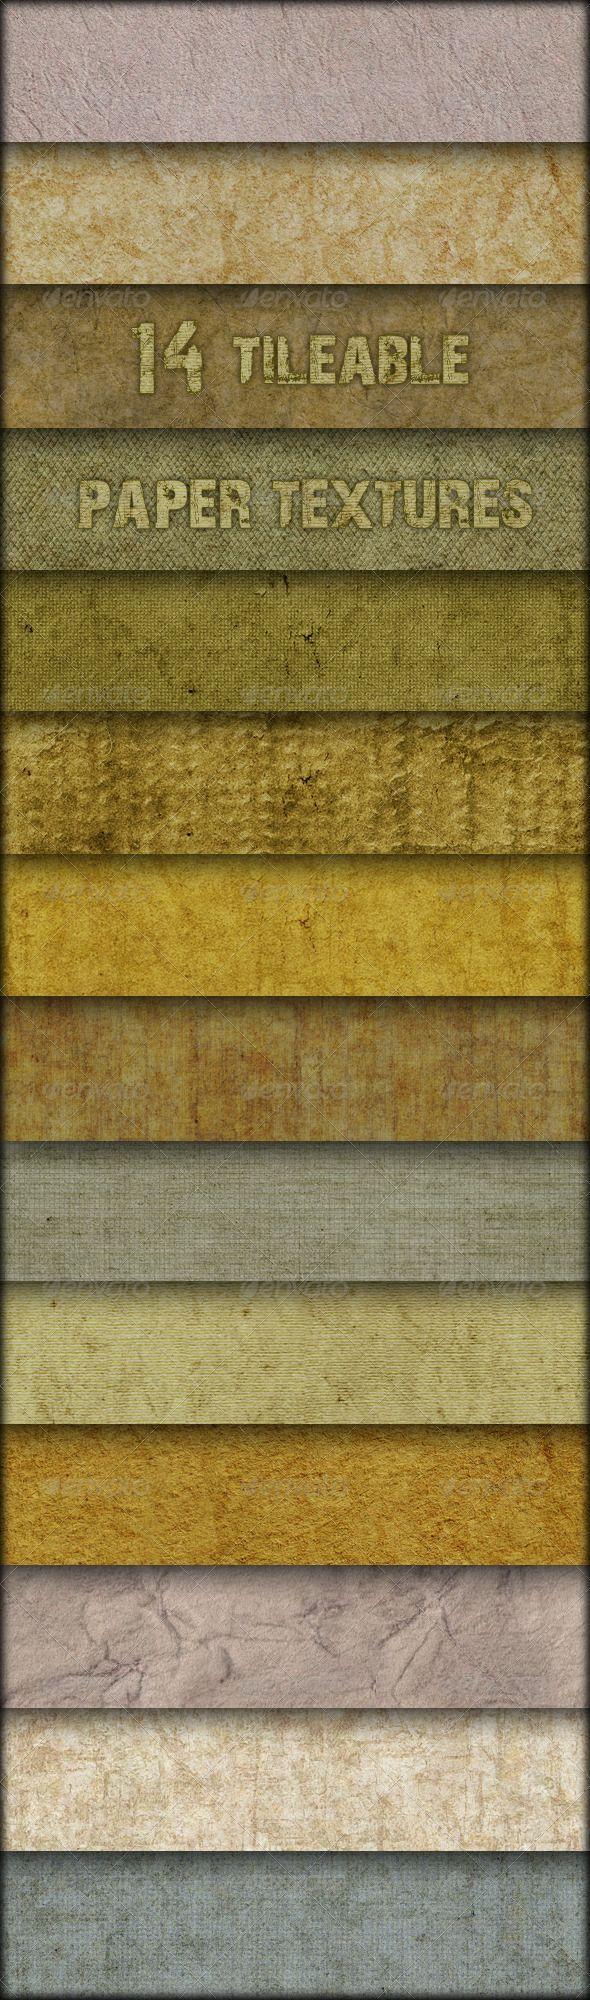 14 tileable paper textures